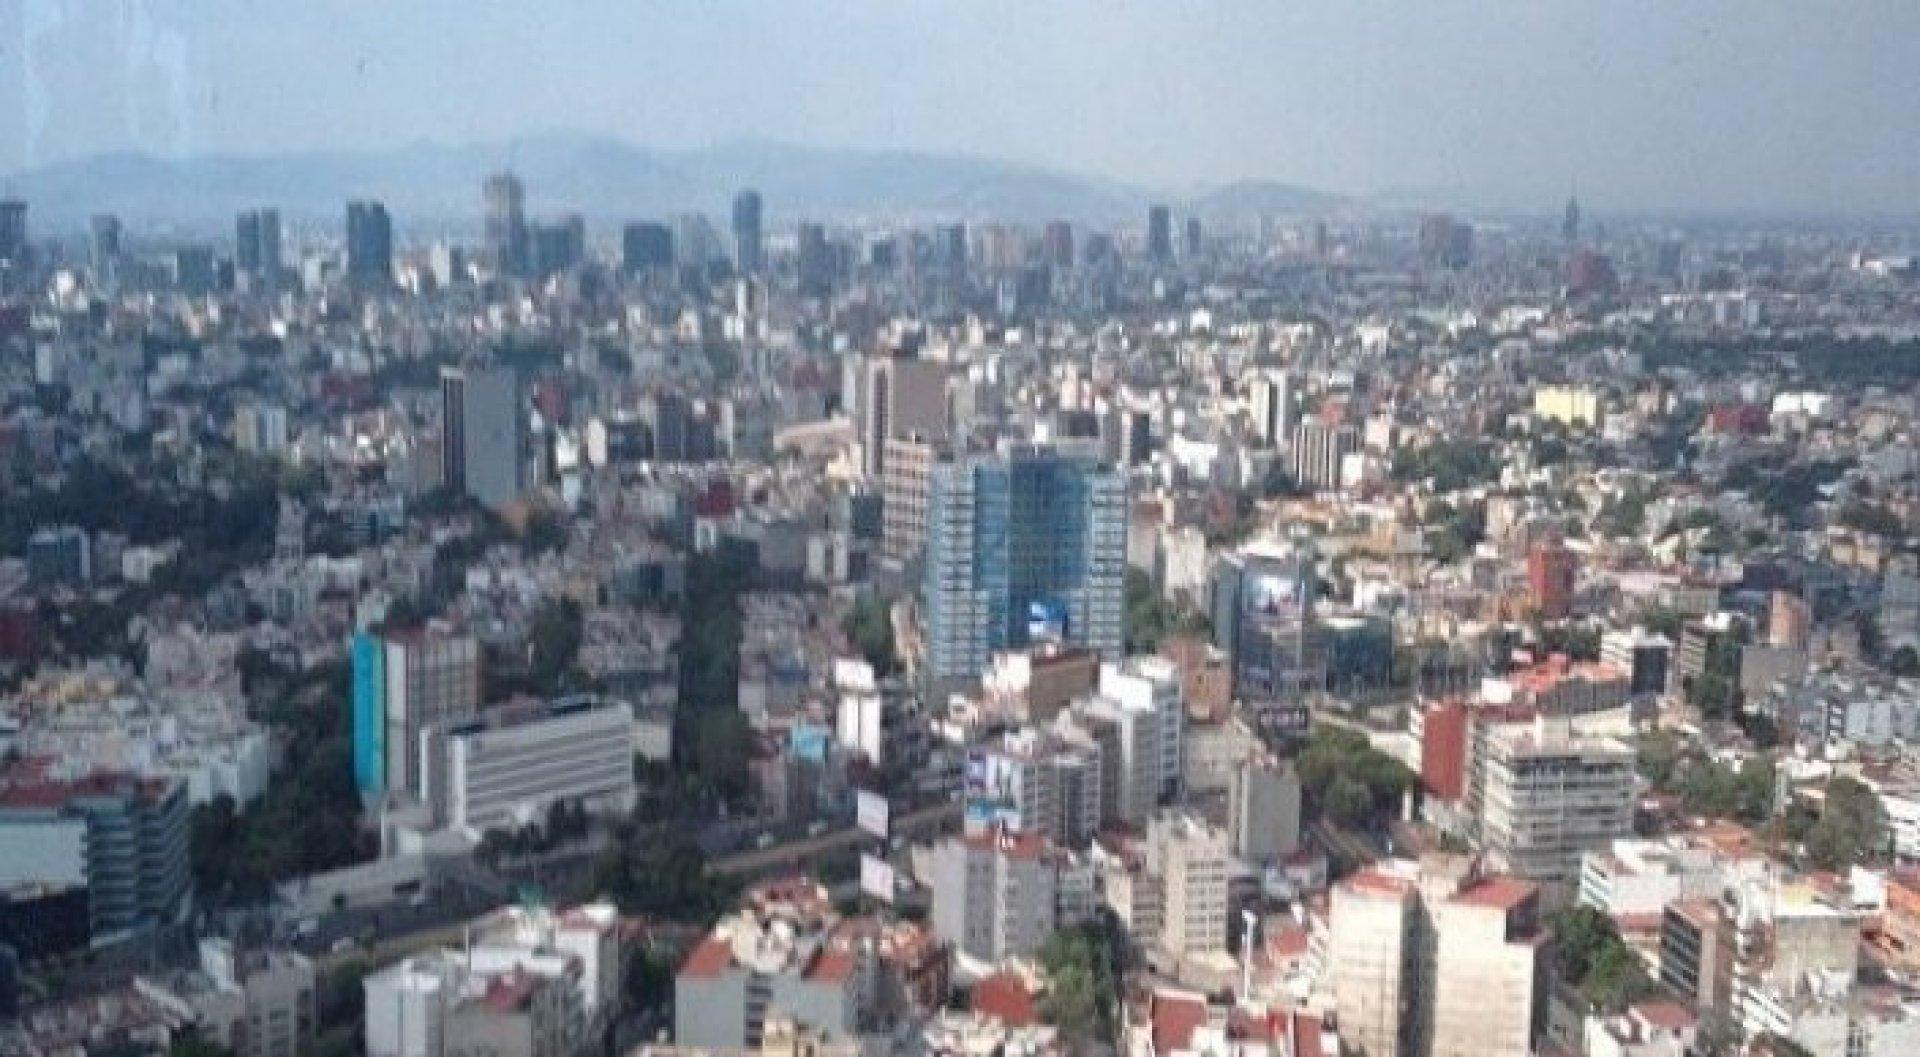 В мексике из пролетавшего над городом самолёта выбросили тро.